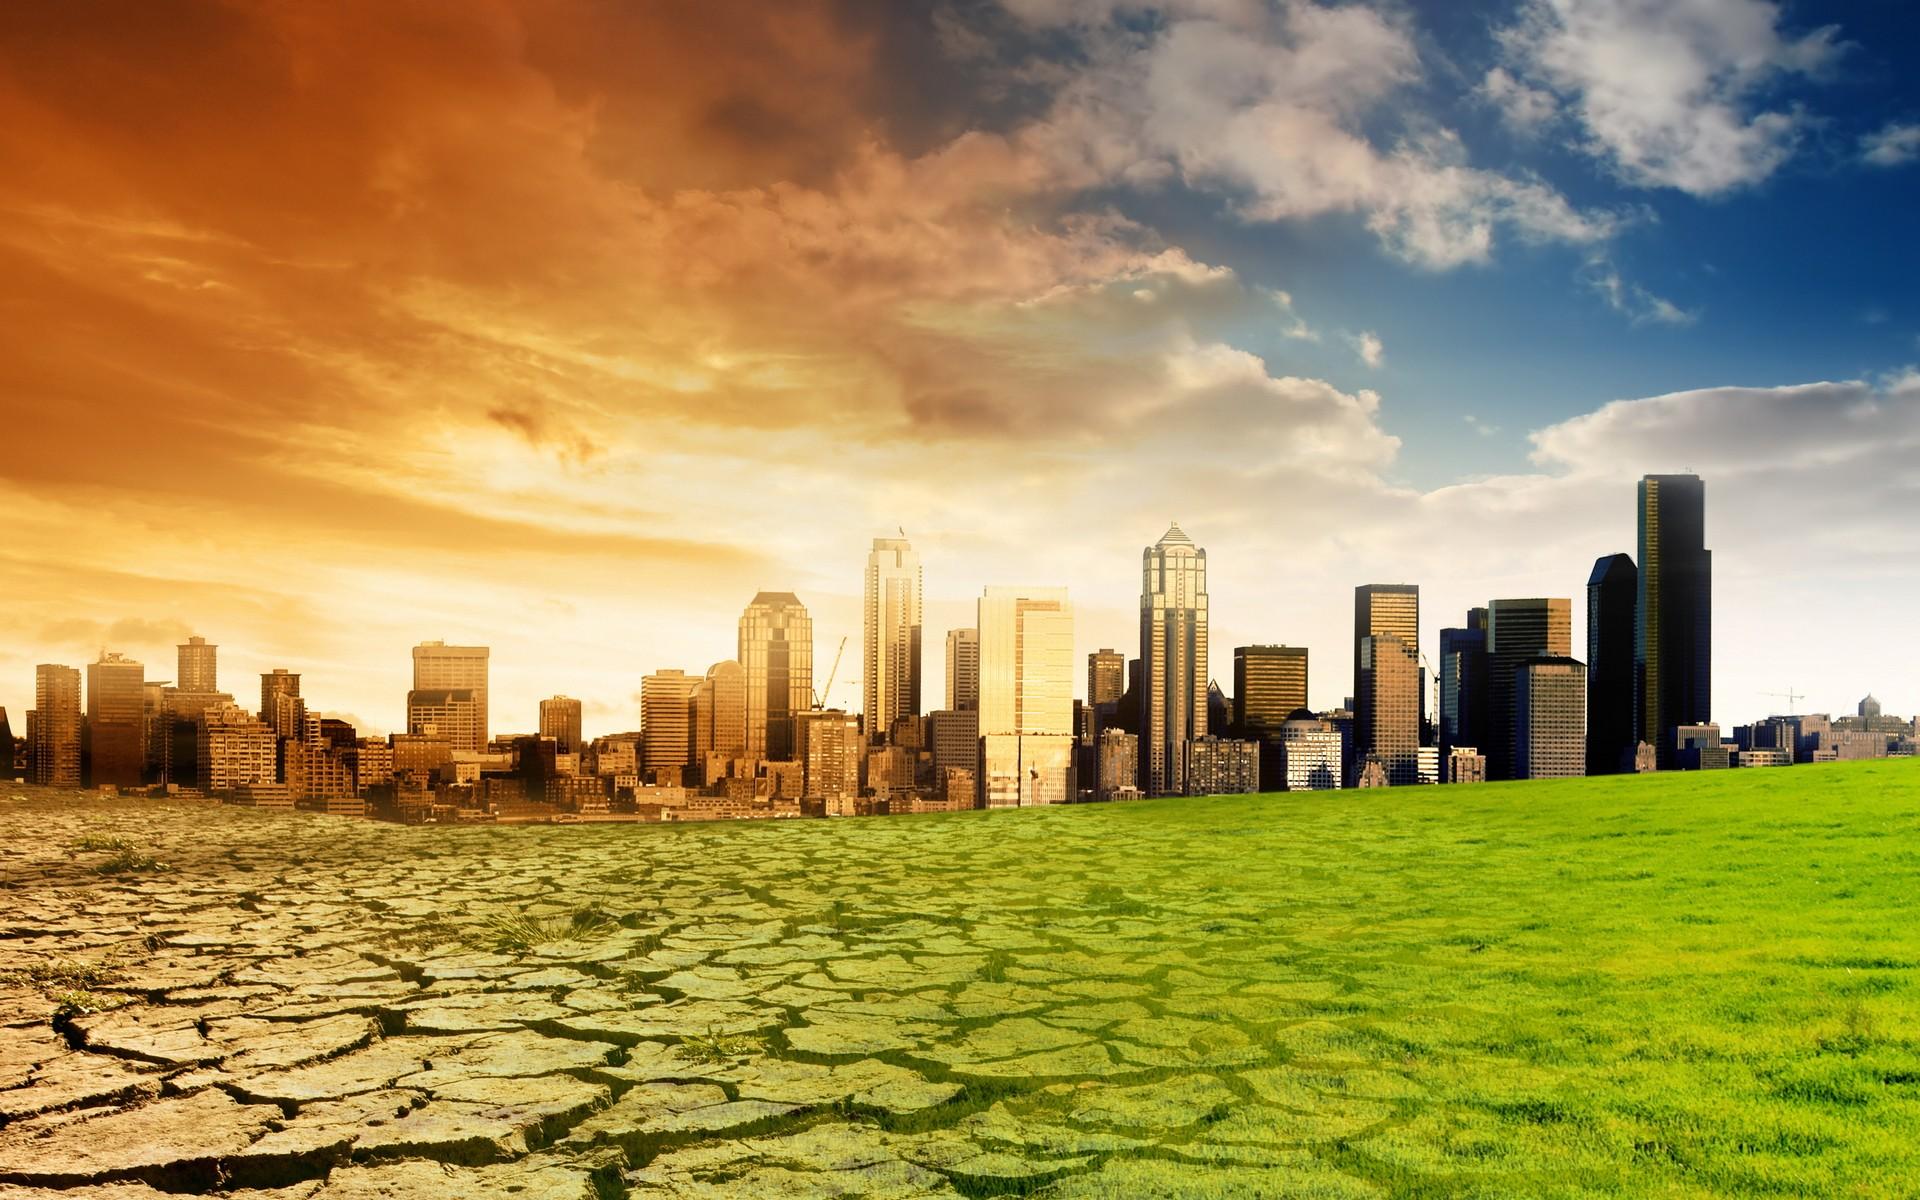 Ученые рассказали что 2016 год будет теплее предыдущего